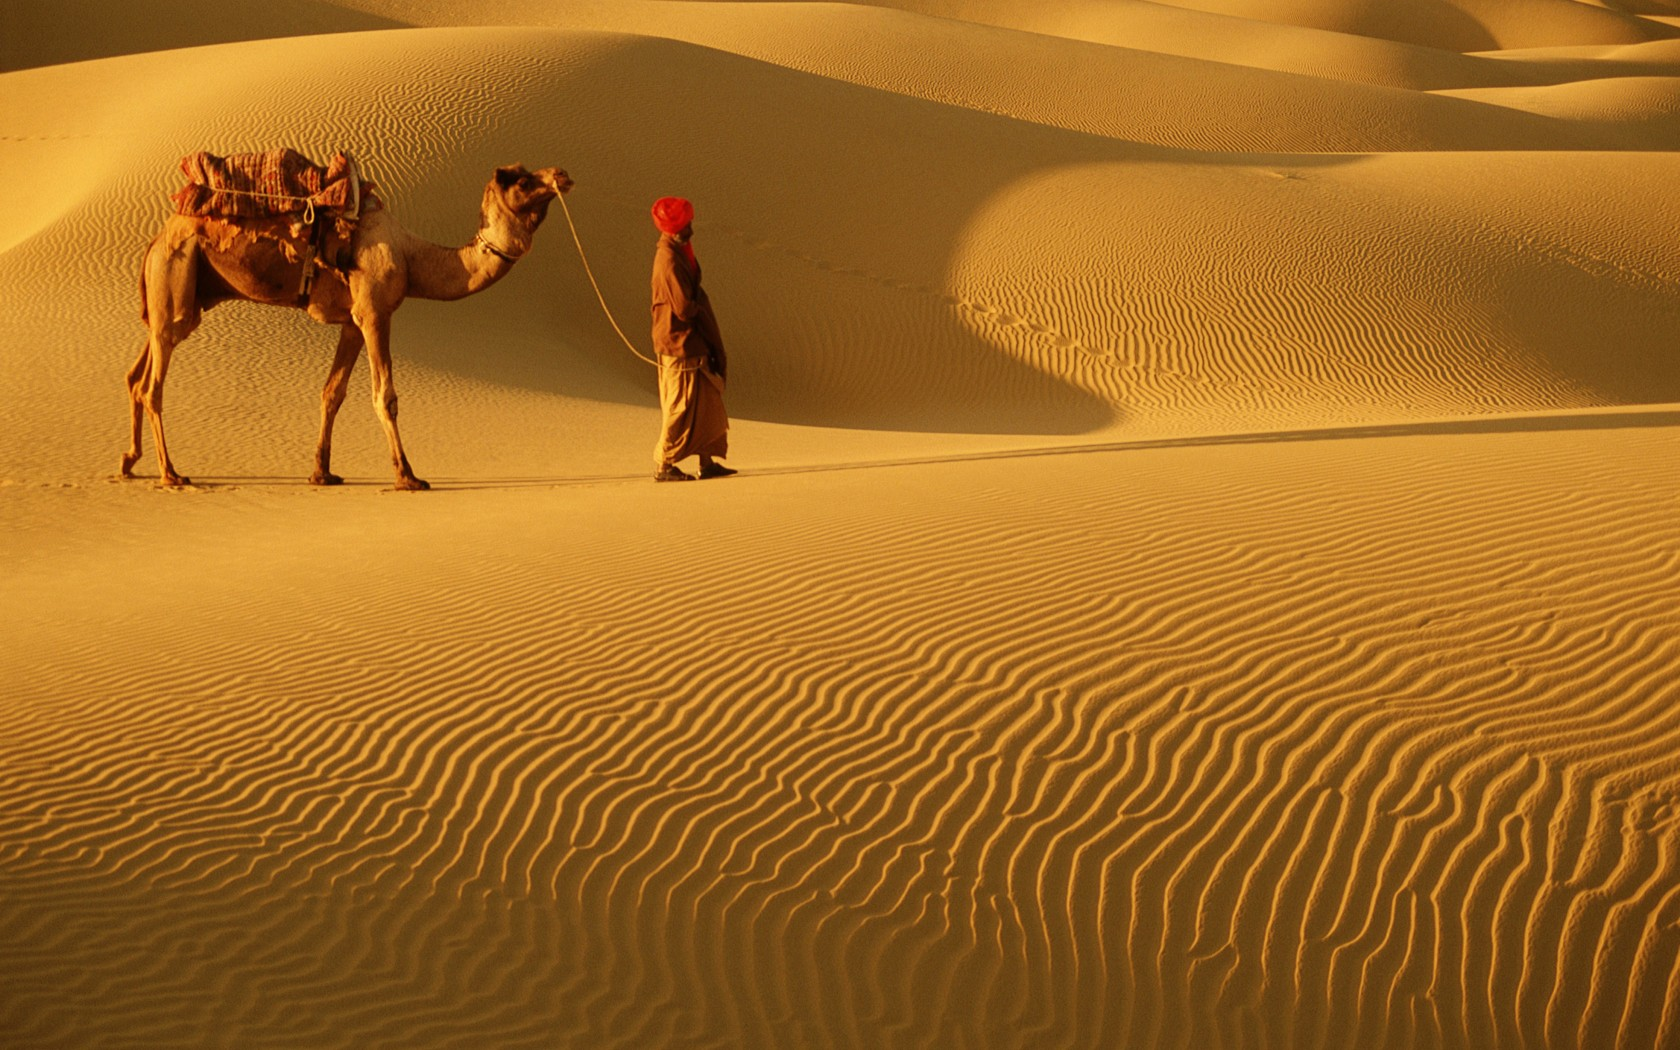 safariSandRajasthan.jpg